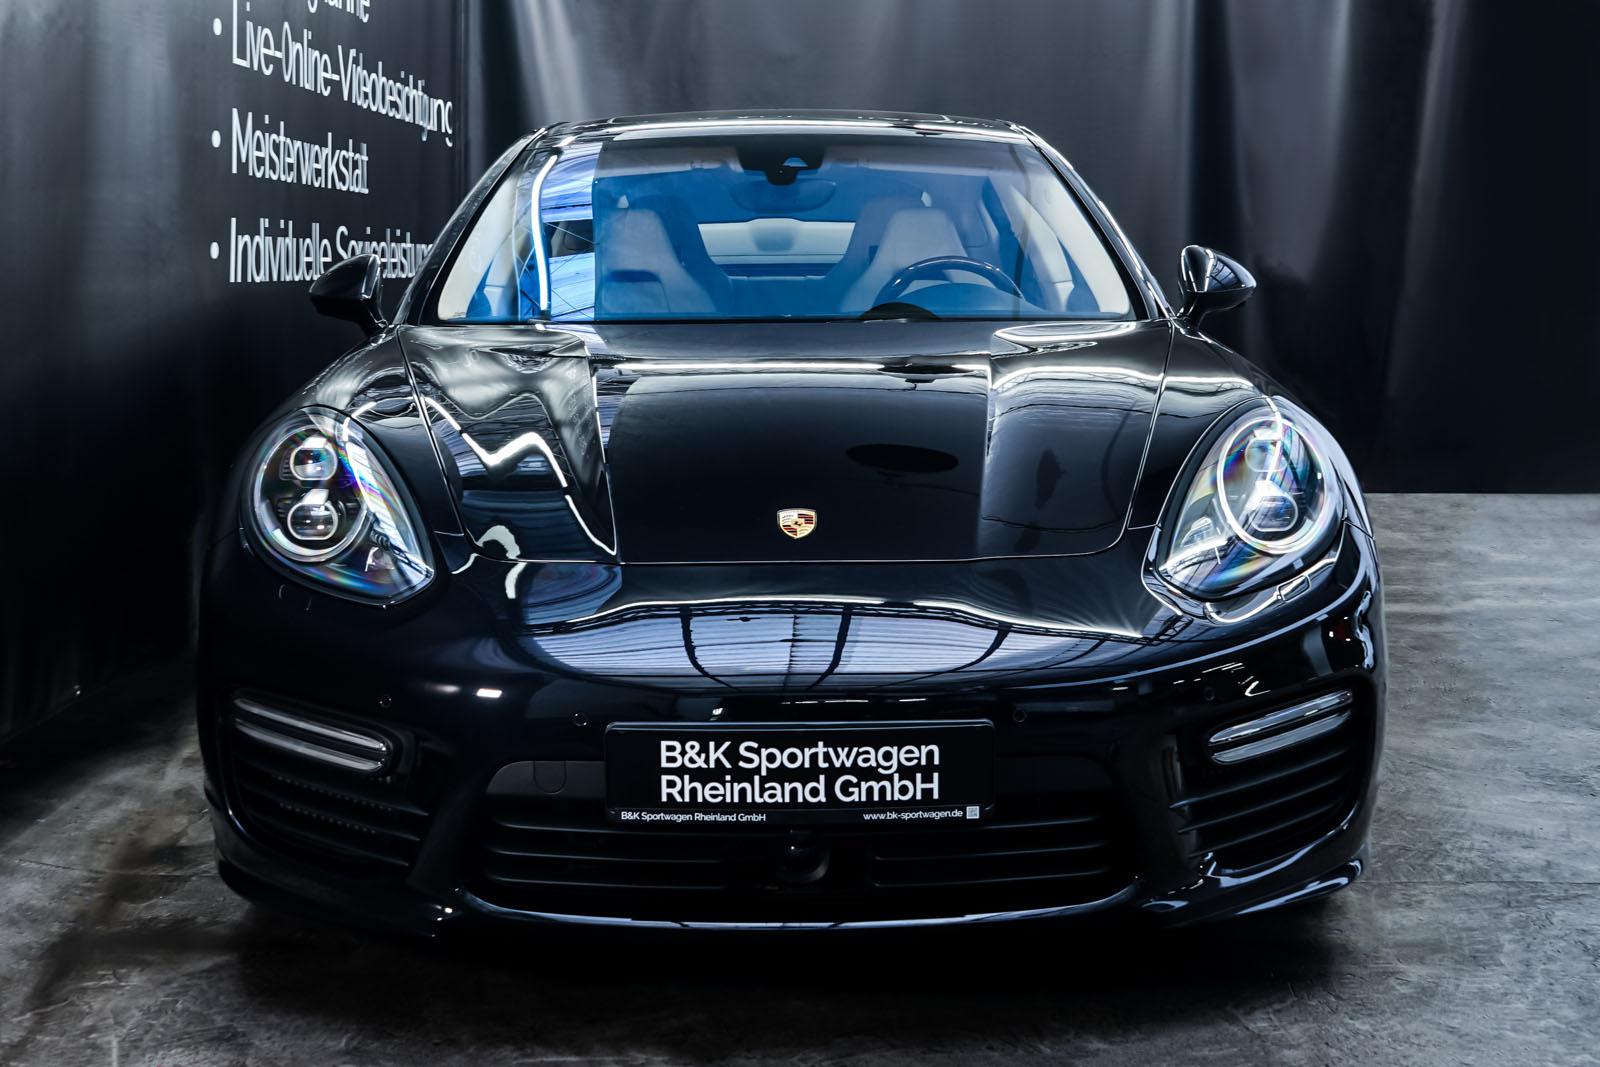 Porsche_Panamera_Turbo_Schwarz_Cremeweiß_POR-0127_1_w